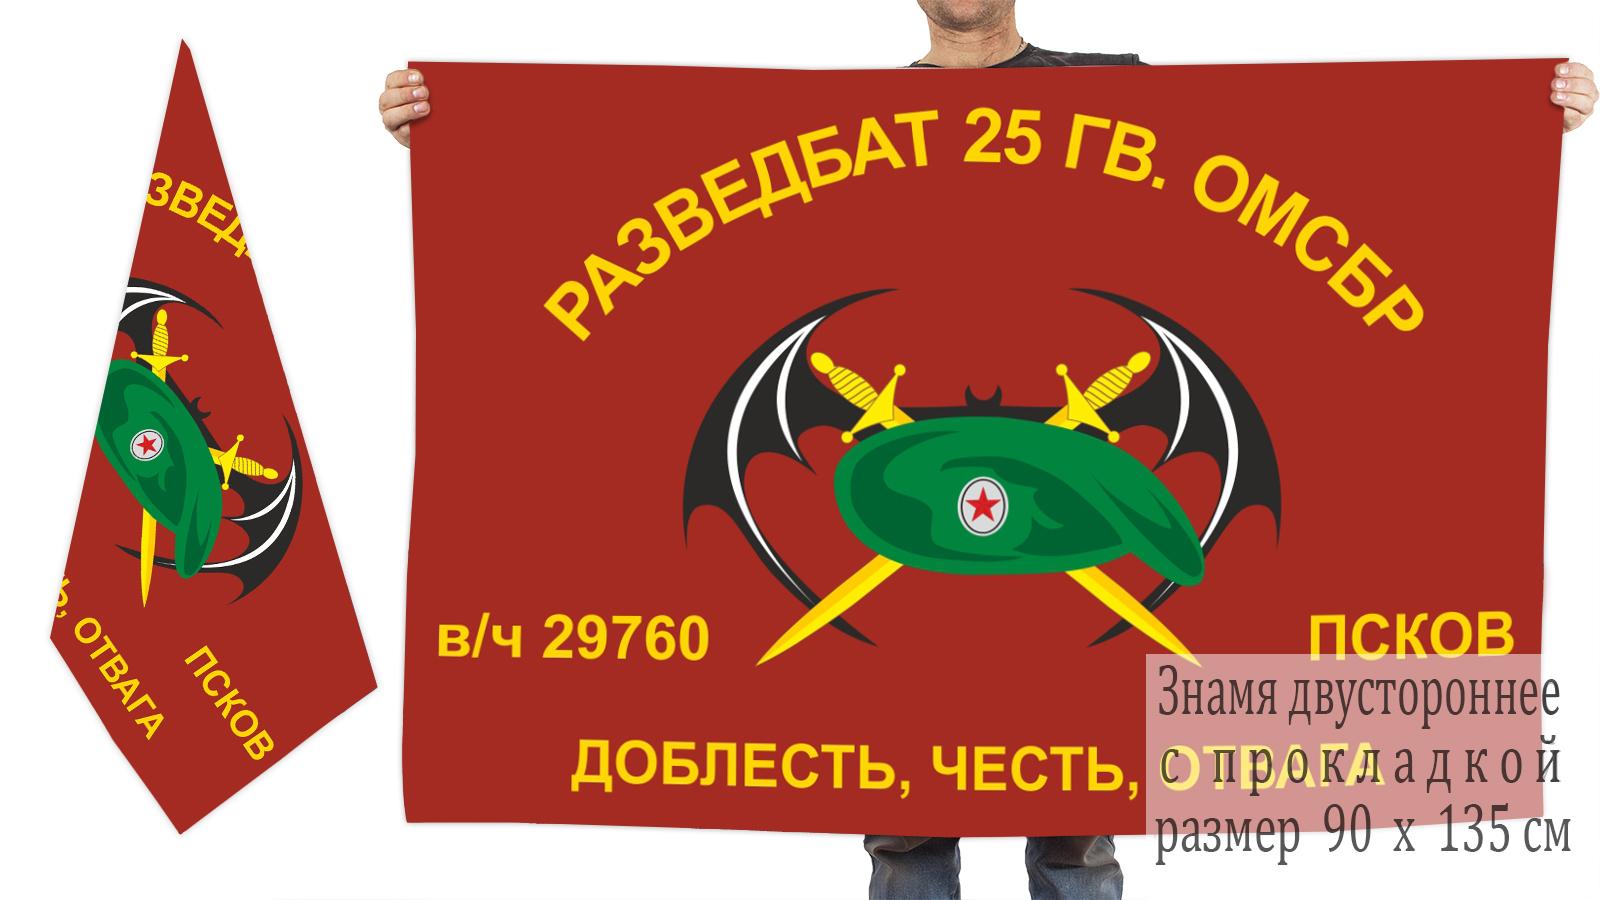 Двусторонний флаг Разведбата 25 Гв. ОМСБр